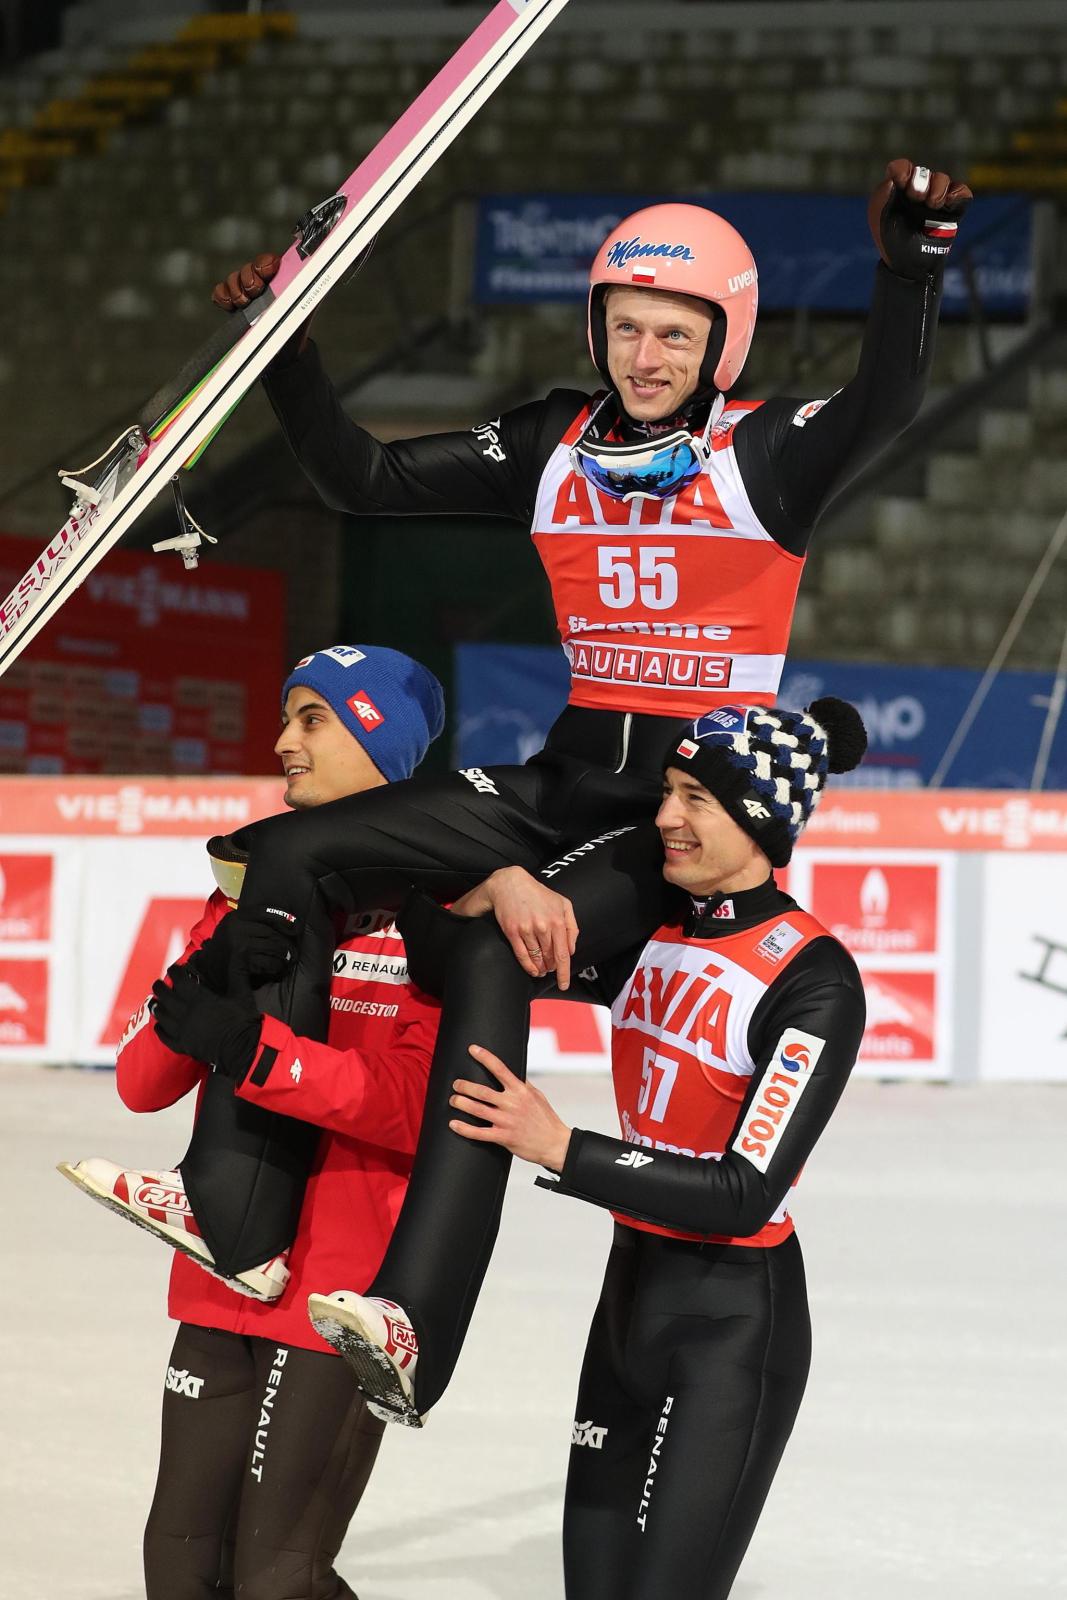 Dawid Kubacki, Kamil Stoch i Stefan Kraft fot. EPA/ANDREA SOLERO